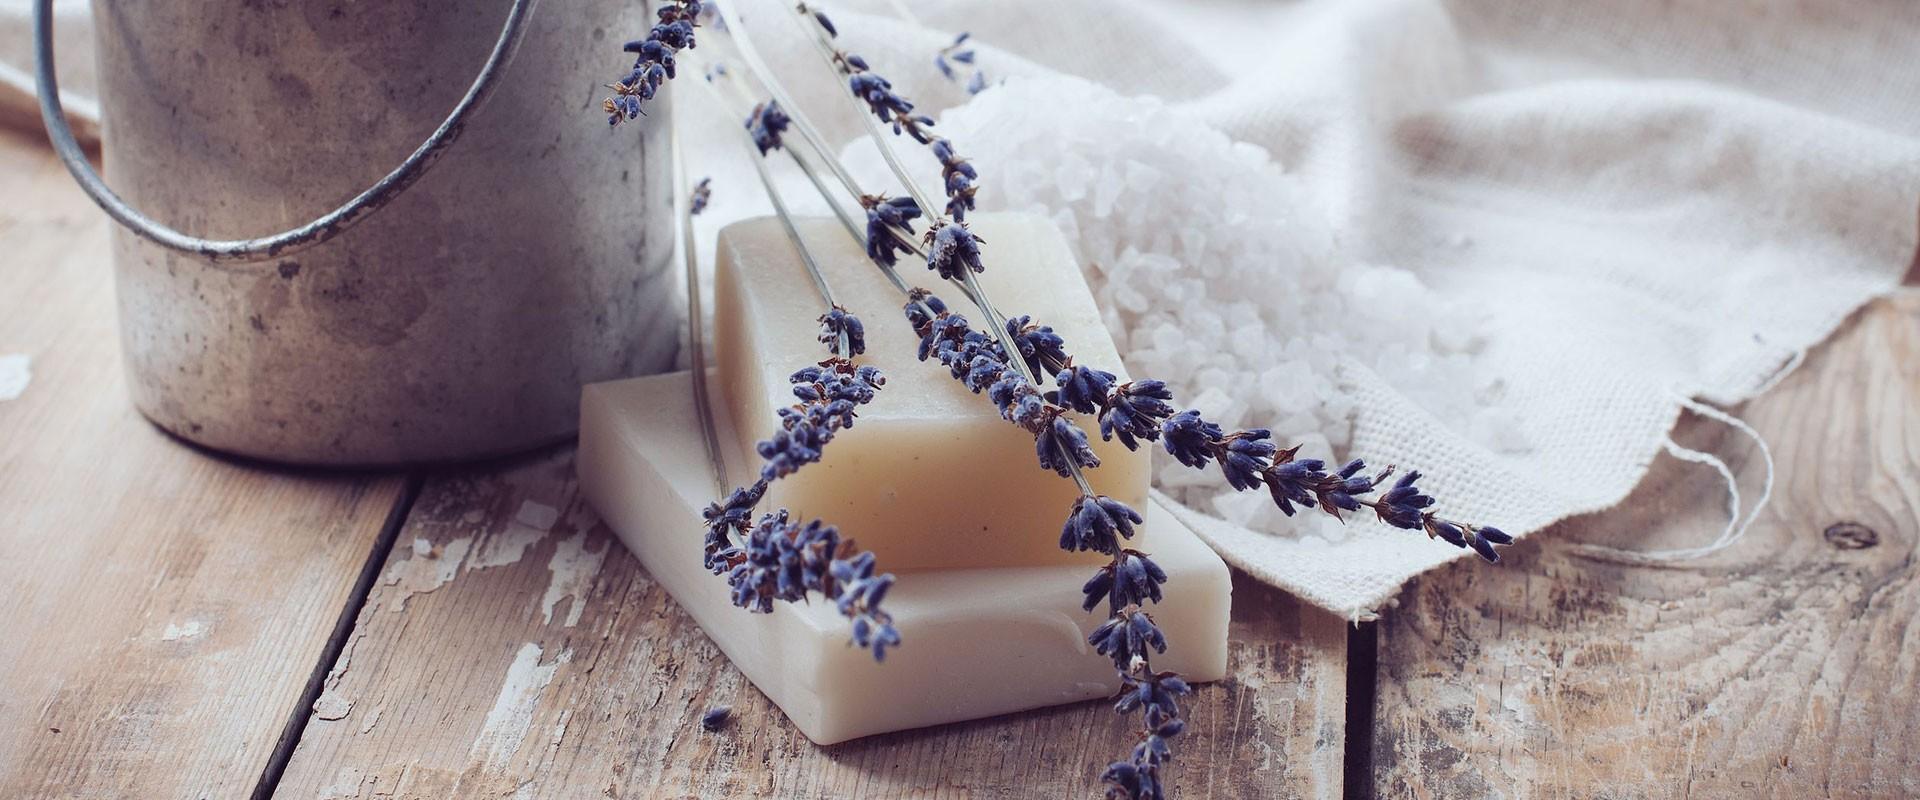 Přírodní mýdla a šampony pro zdravou pokožku a krásné vlasy